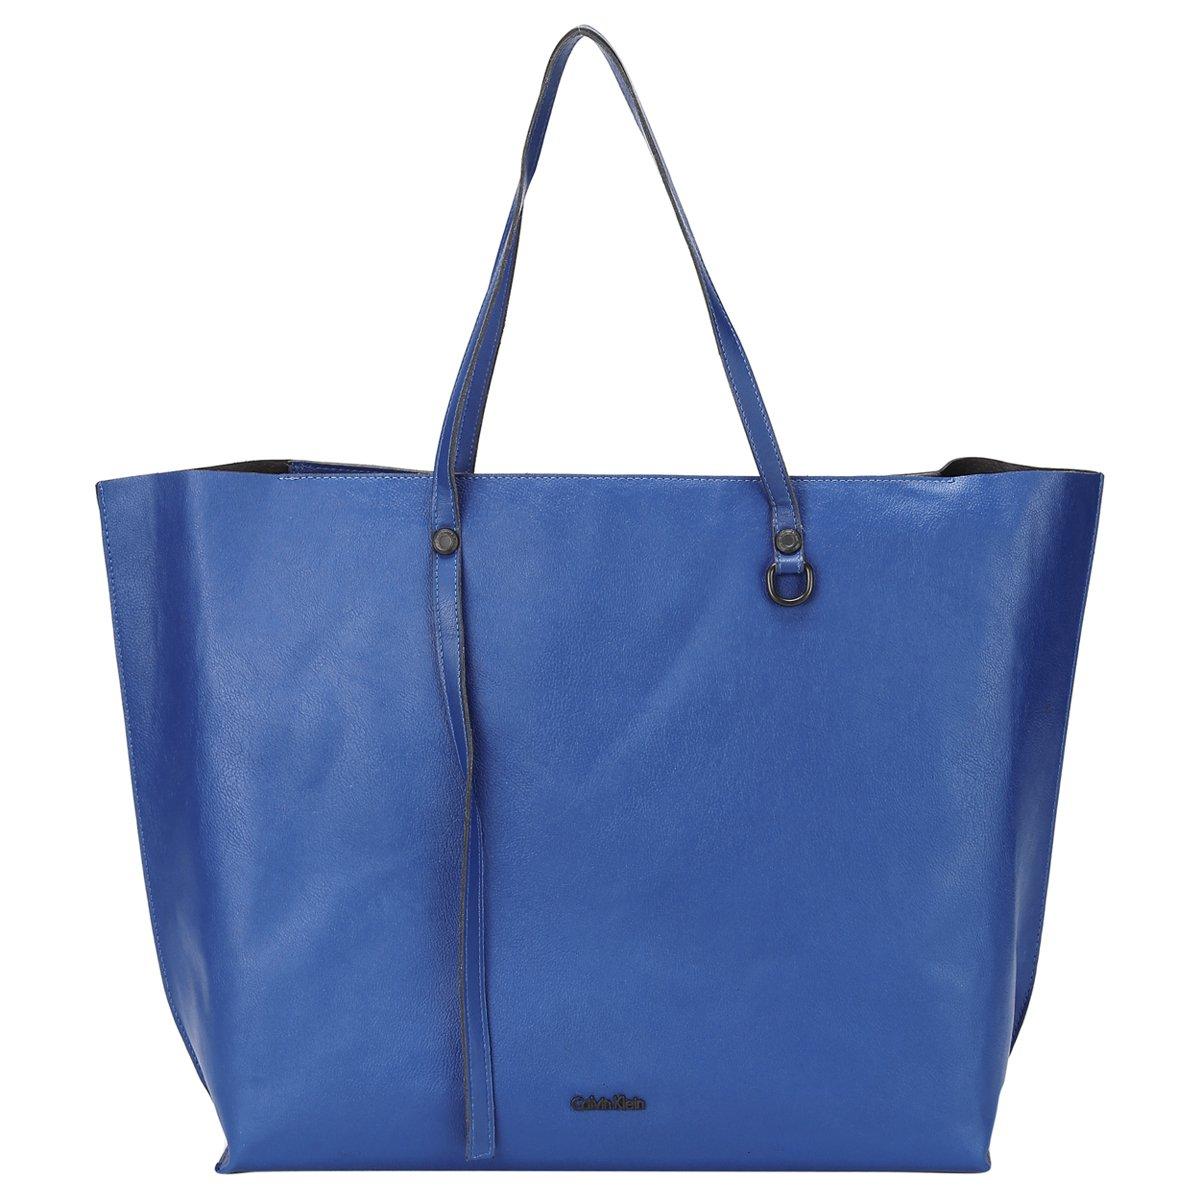 Bolsa Calvin Klein - Compre Agora   Netshoes c6120d3217